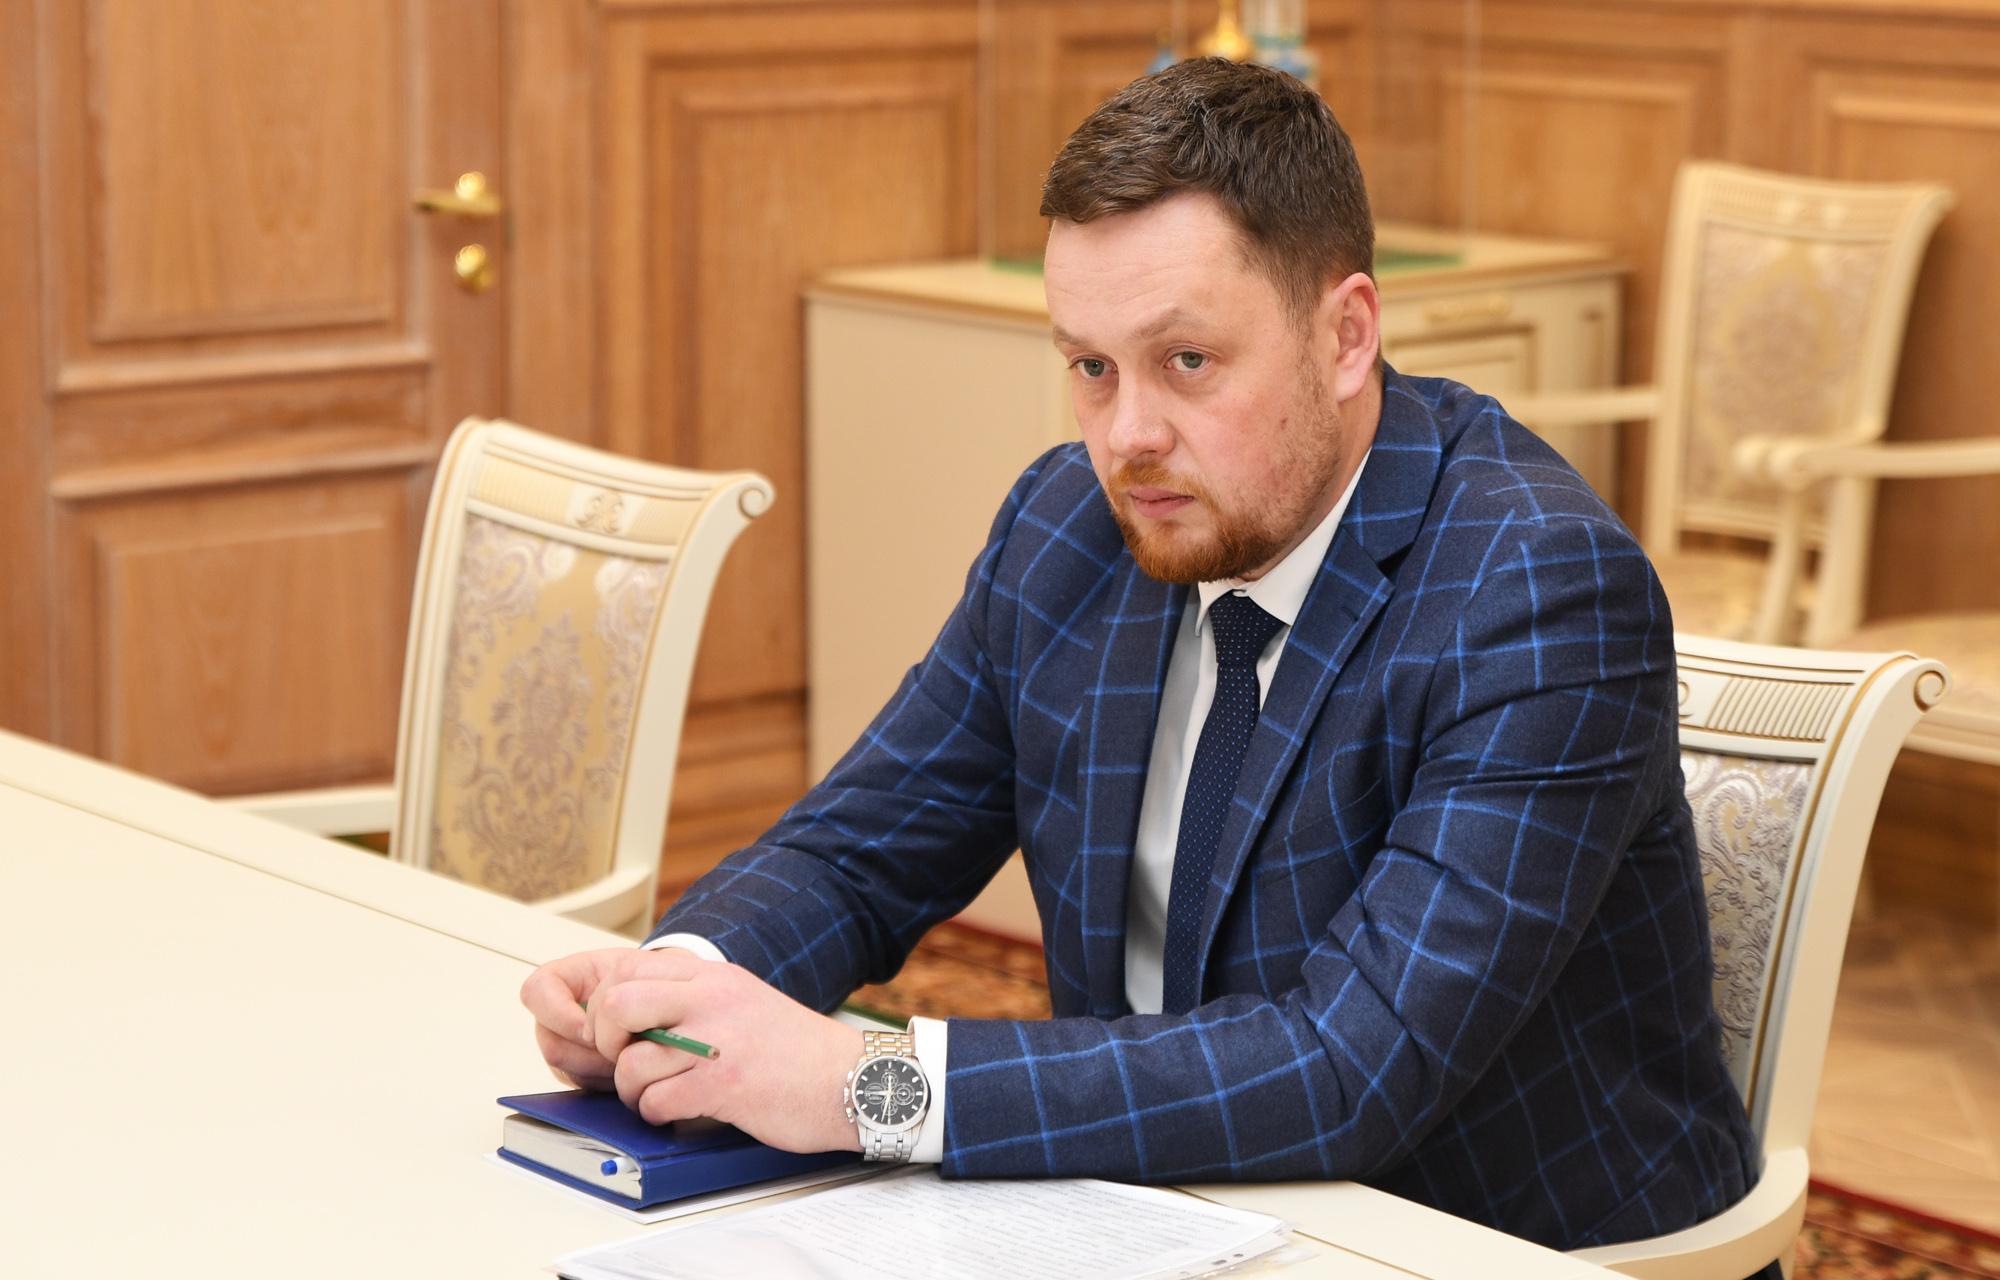 Роман Крылов: Ржевитяне видят позитивные изменения в городе